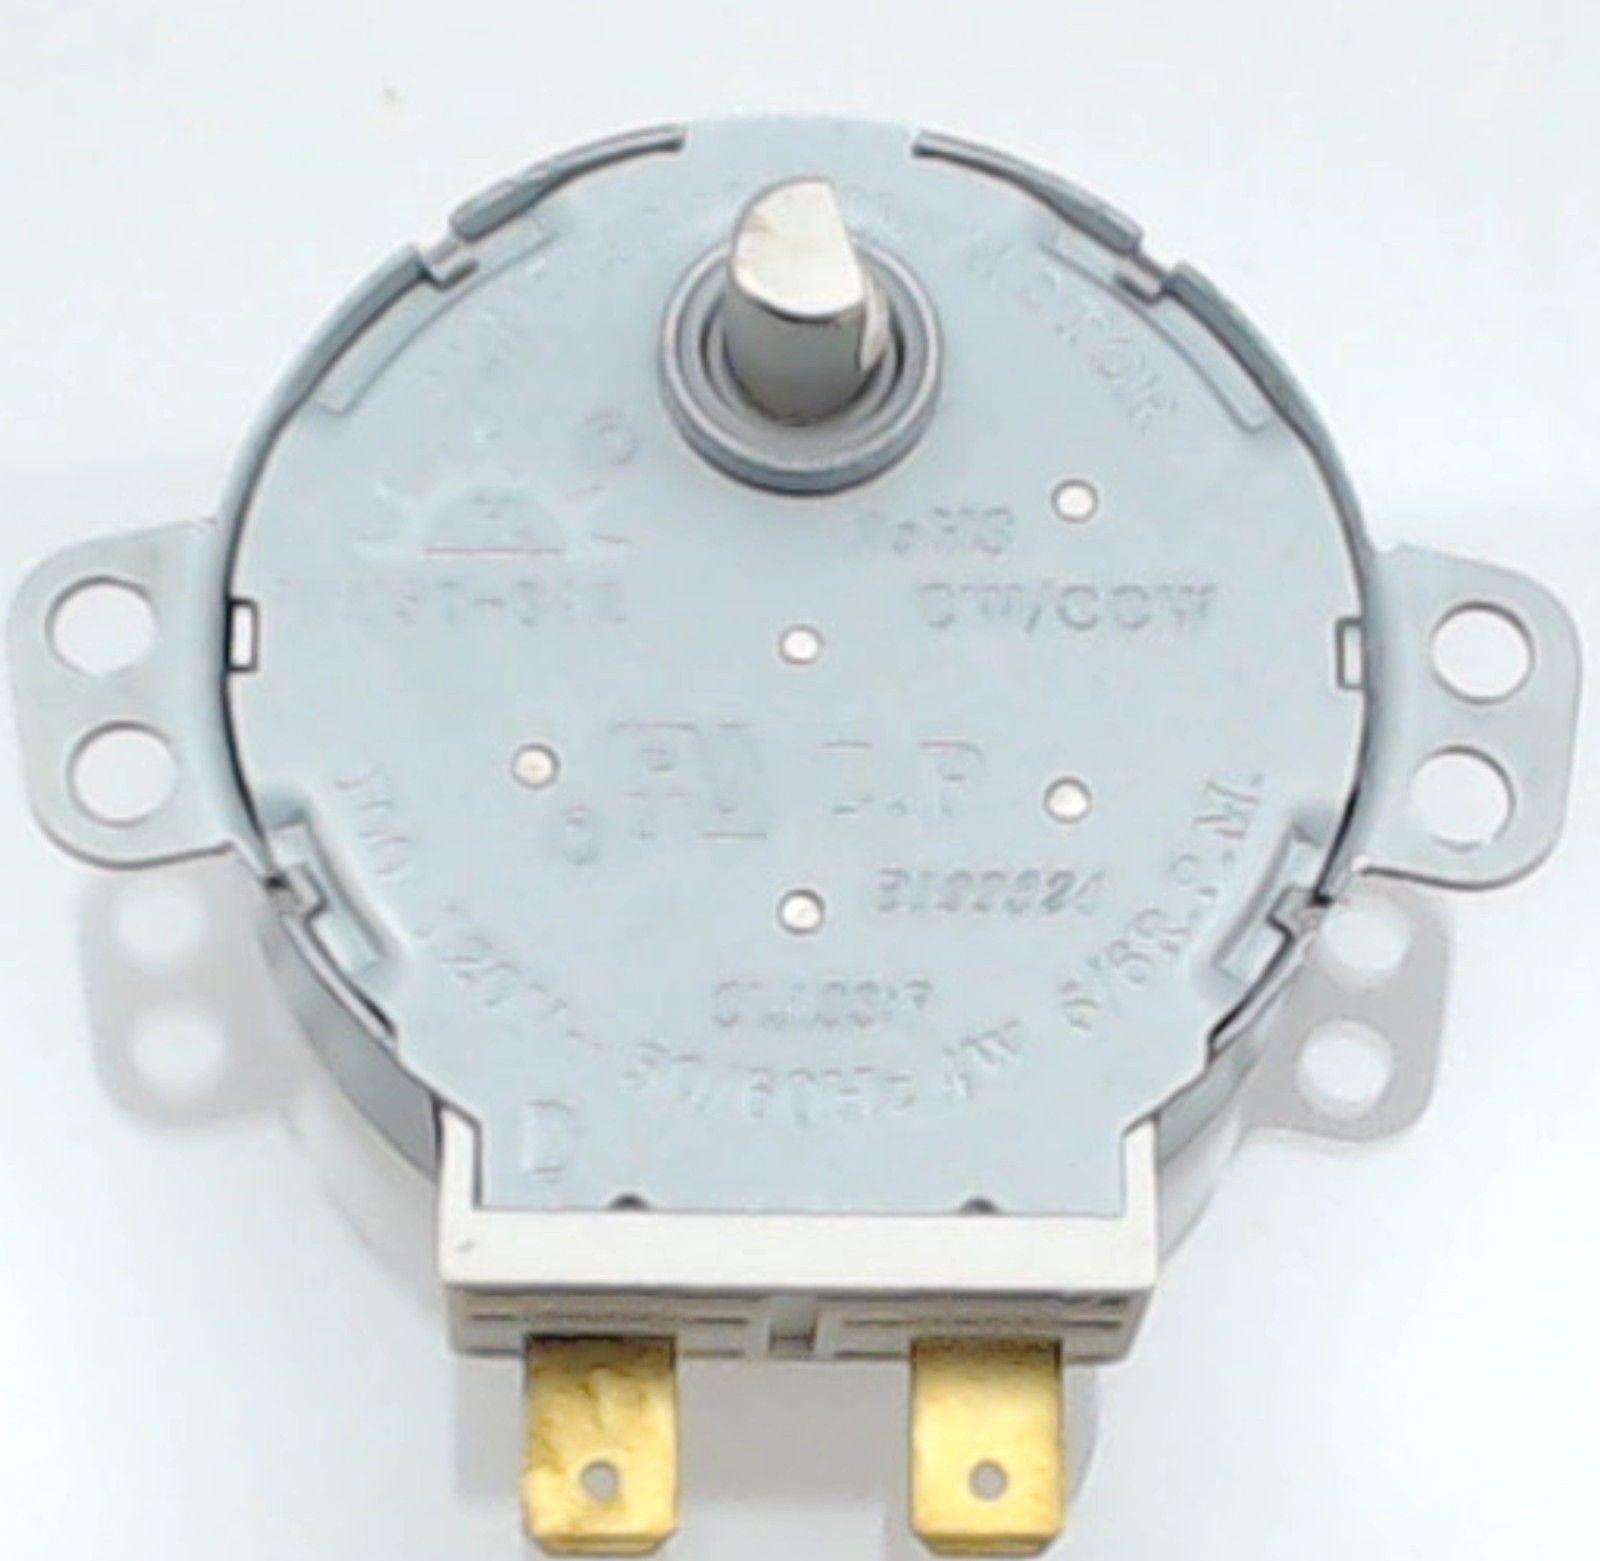 Microwave Turntable Motor for Whirlpool, Sears, AP3130796...